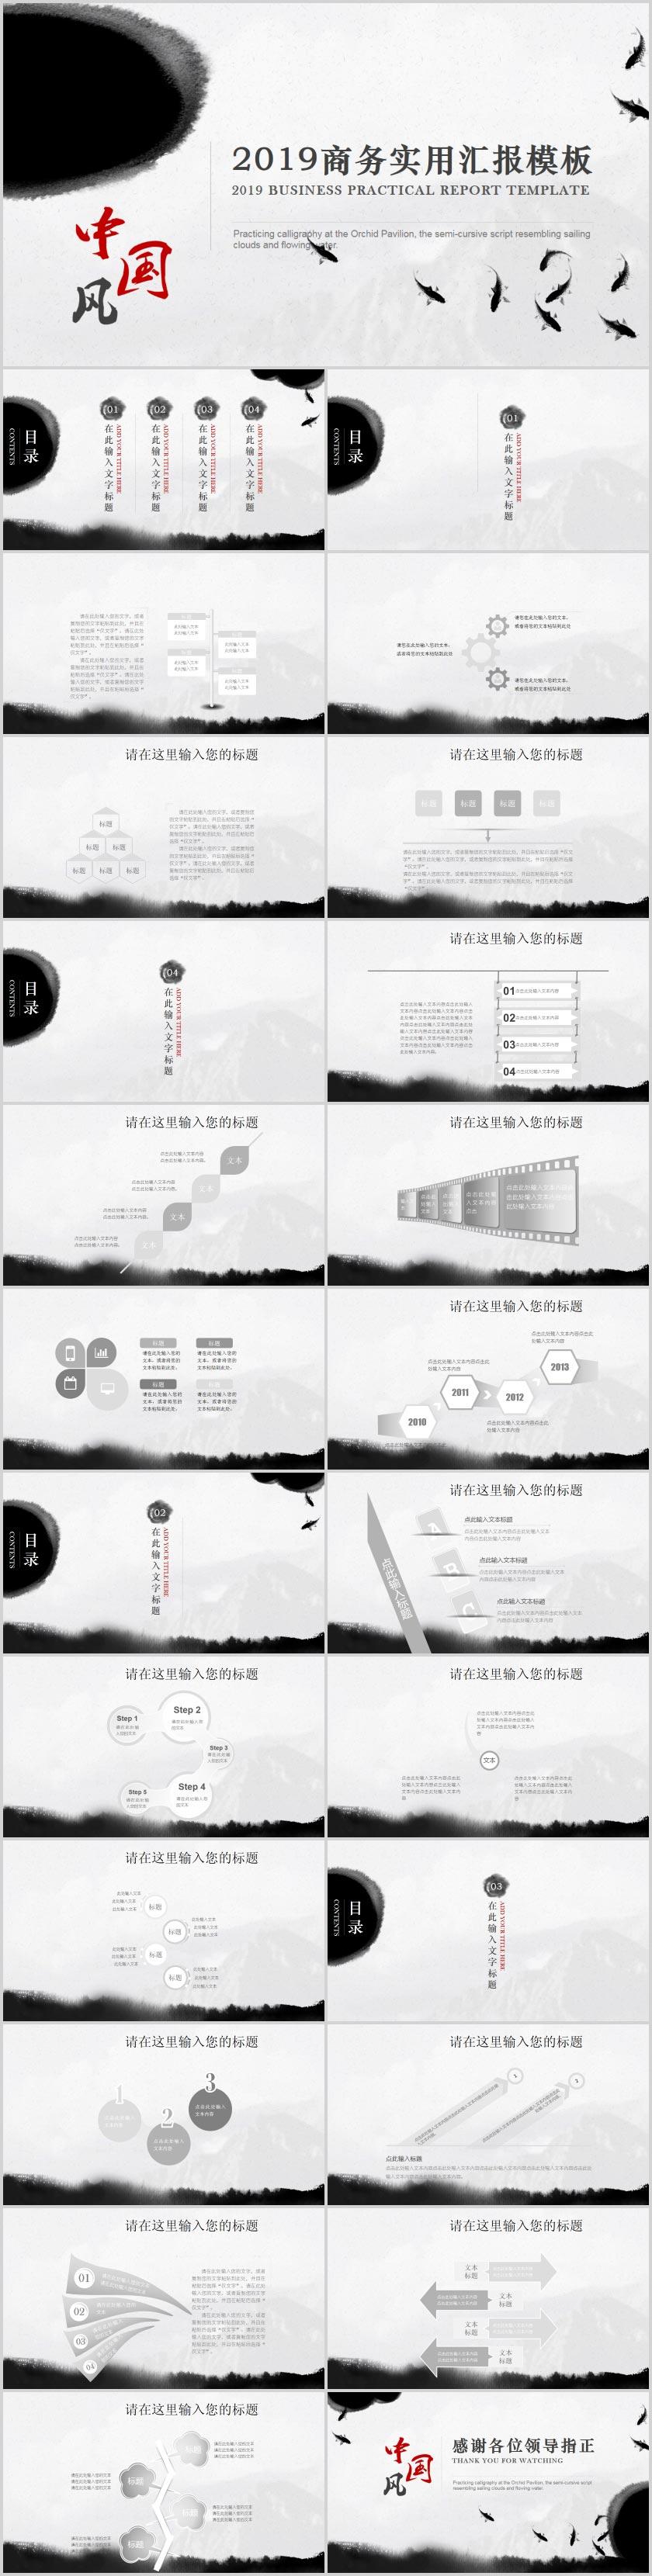 中国风创意商务主题PPT模板